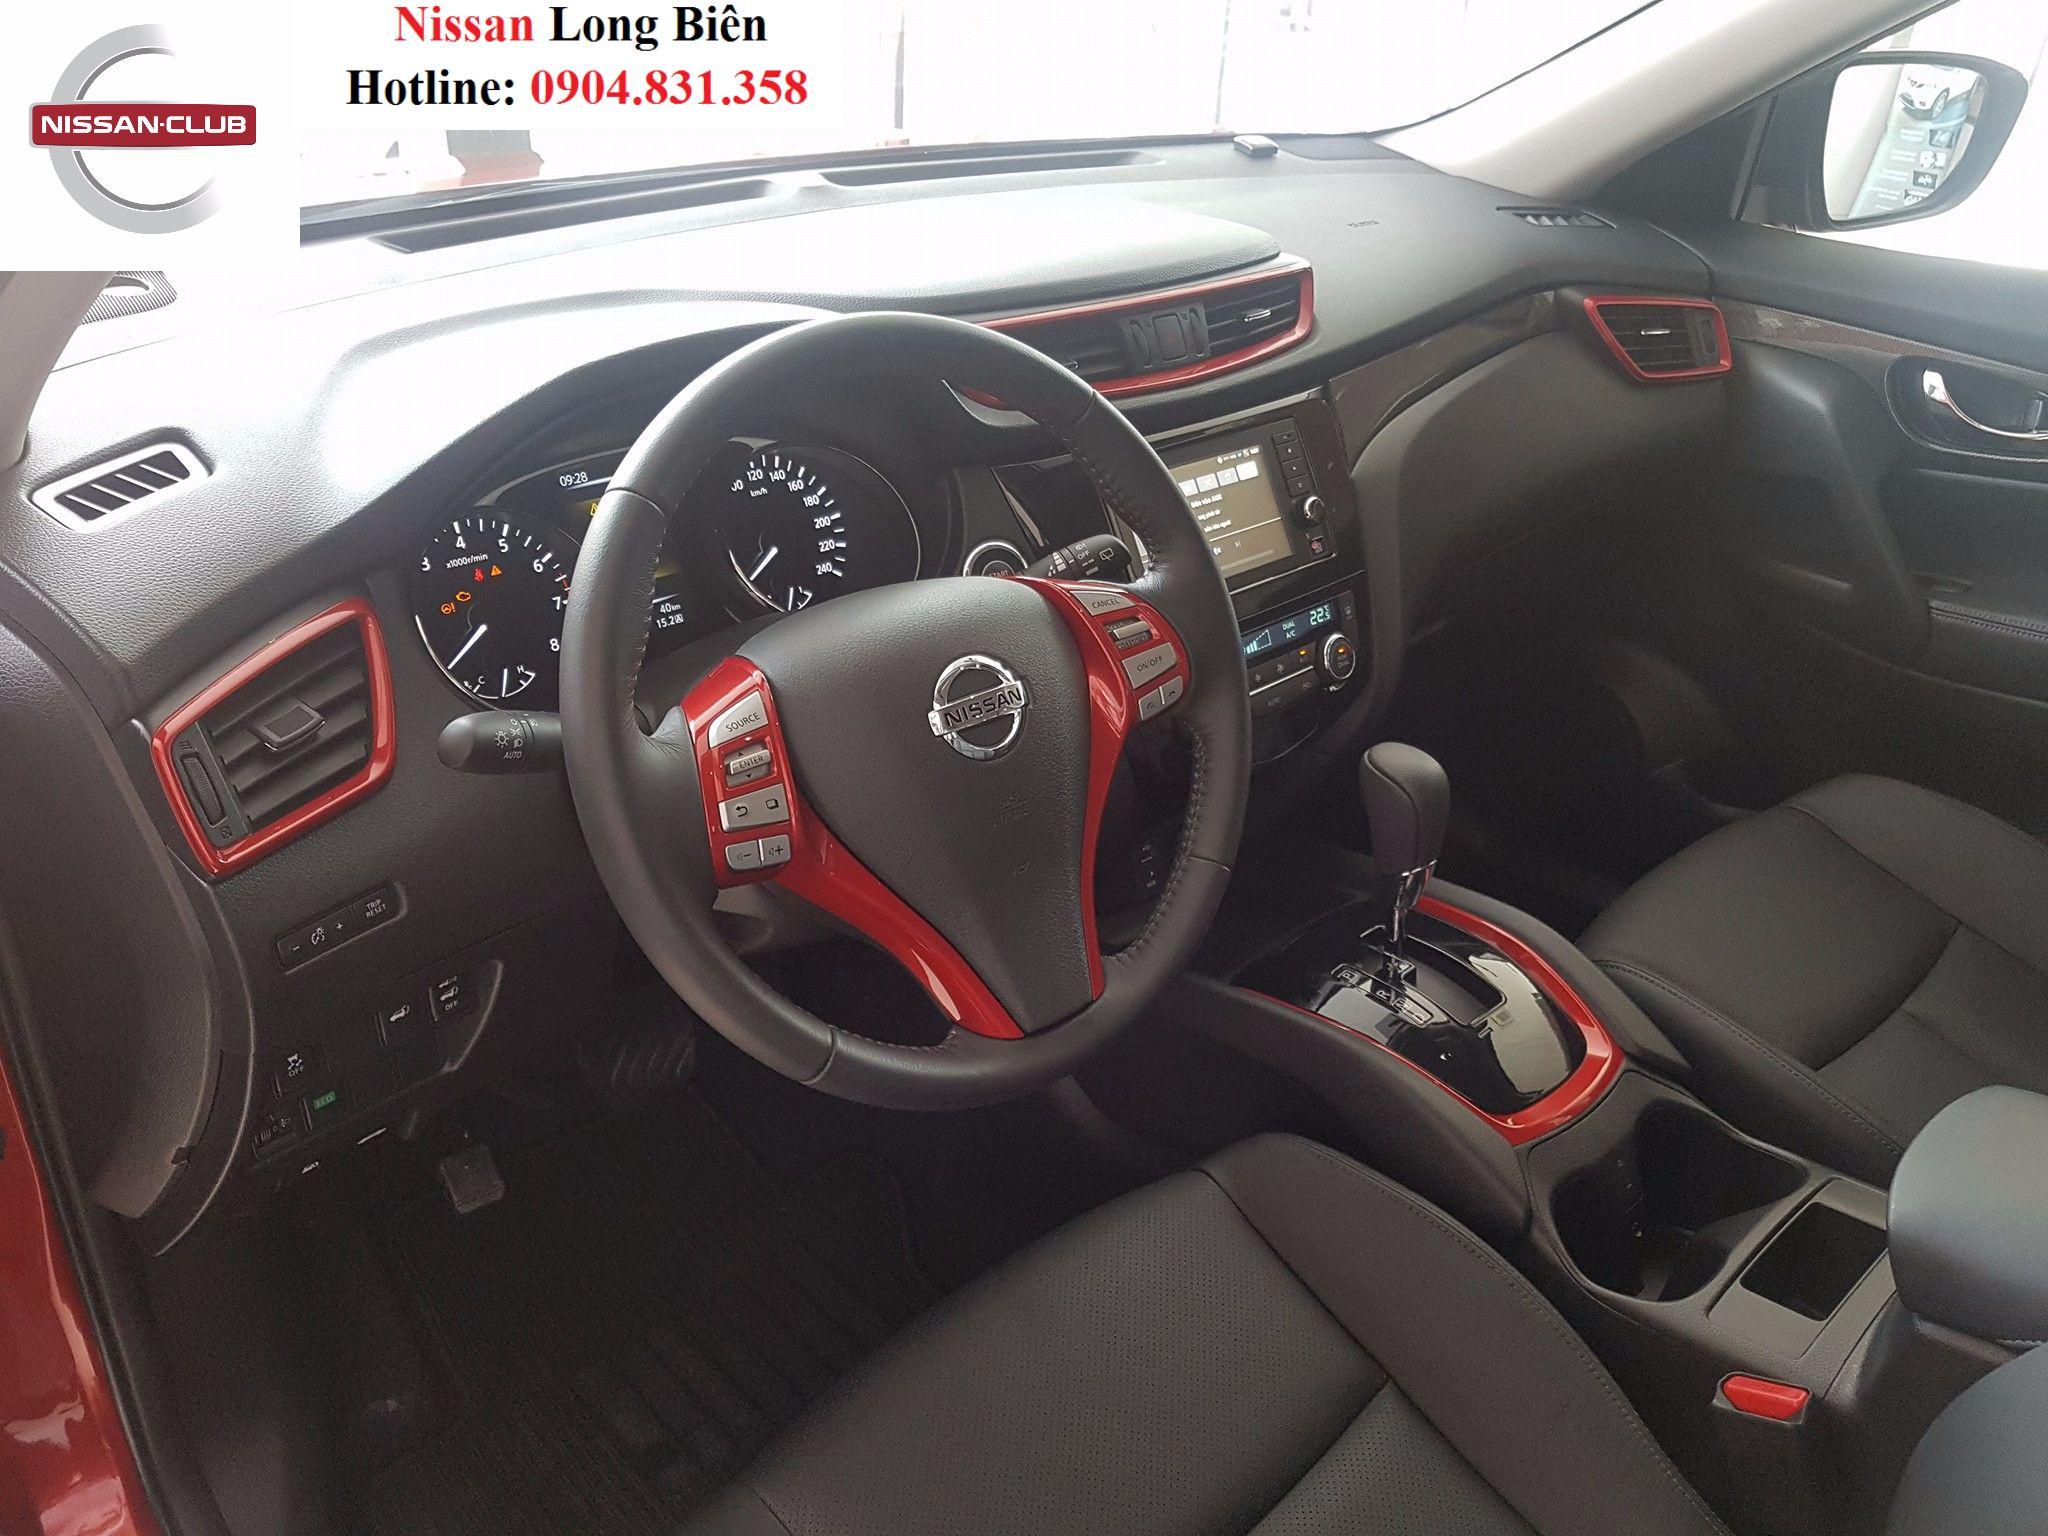 Nissan X-Trail Limited Edition : Phiên bản đặc biệt với sự kết hợp mầu đỏ và đen cao cấp